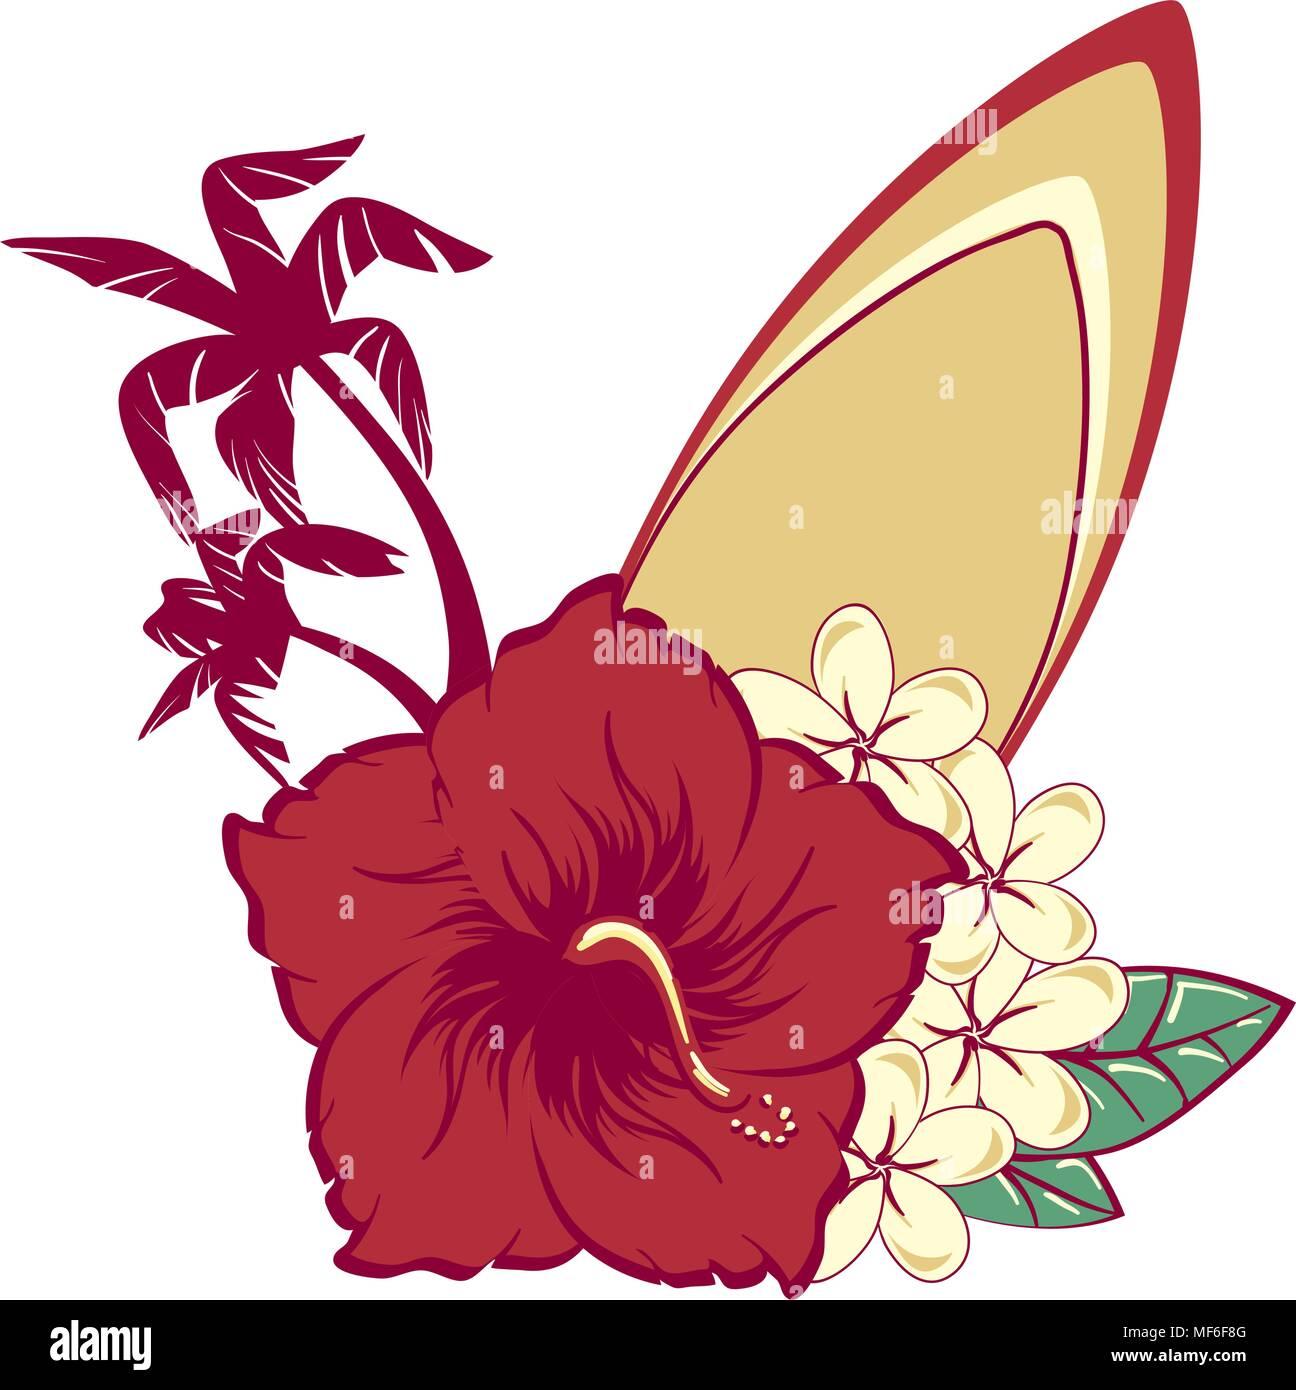 Hibisco Ilustracion Vectorizadas Disenos Flores Hawanas Www